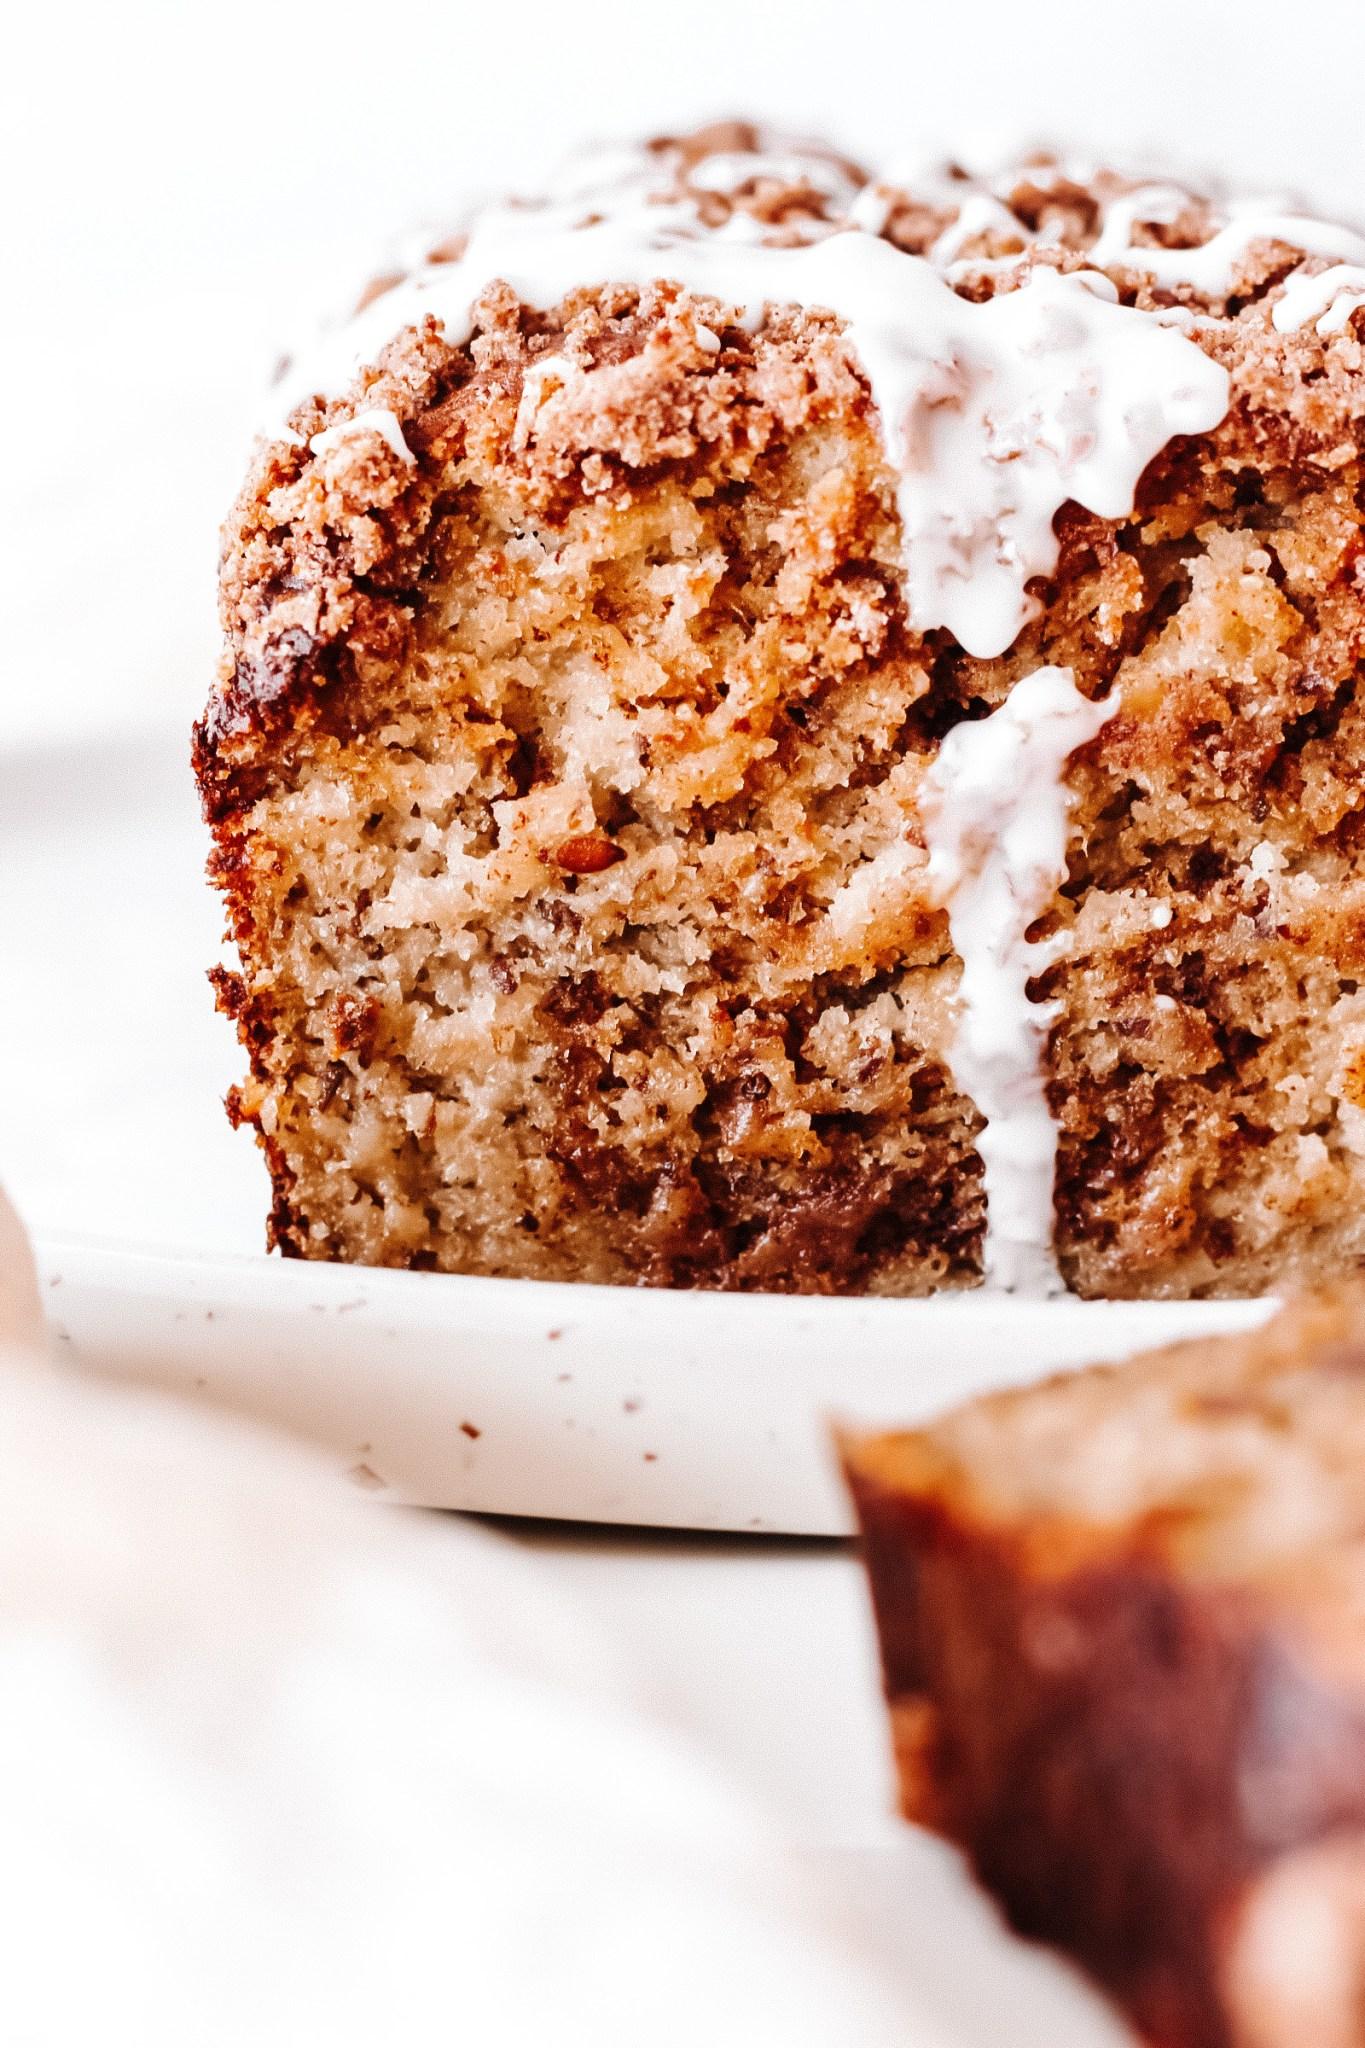 Cinnamon-Streusel-Banana-Bread-10-1